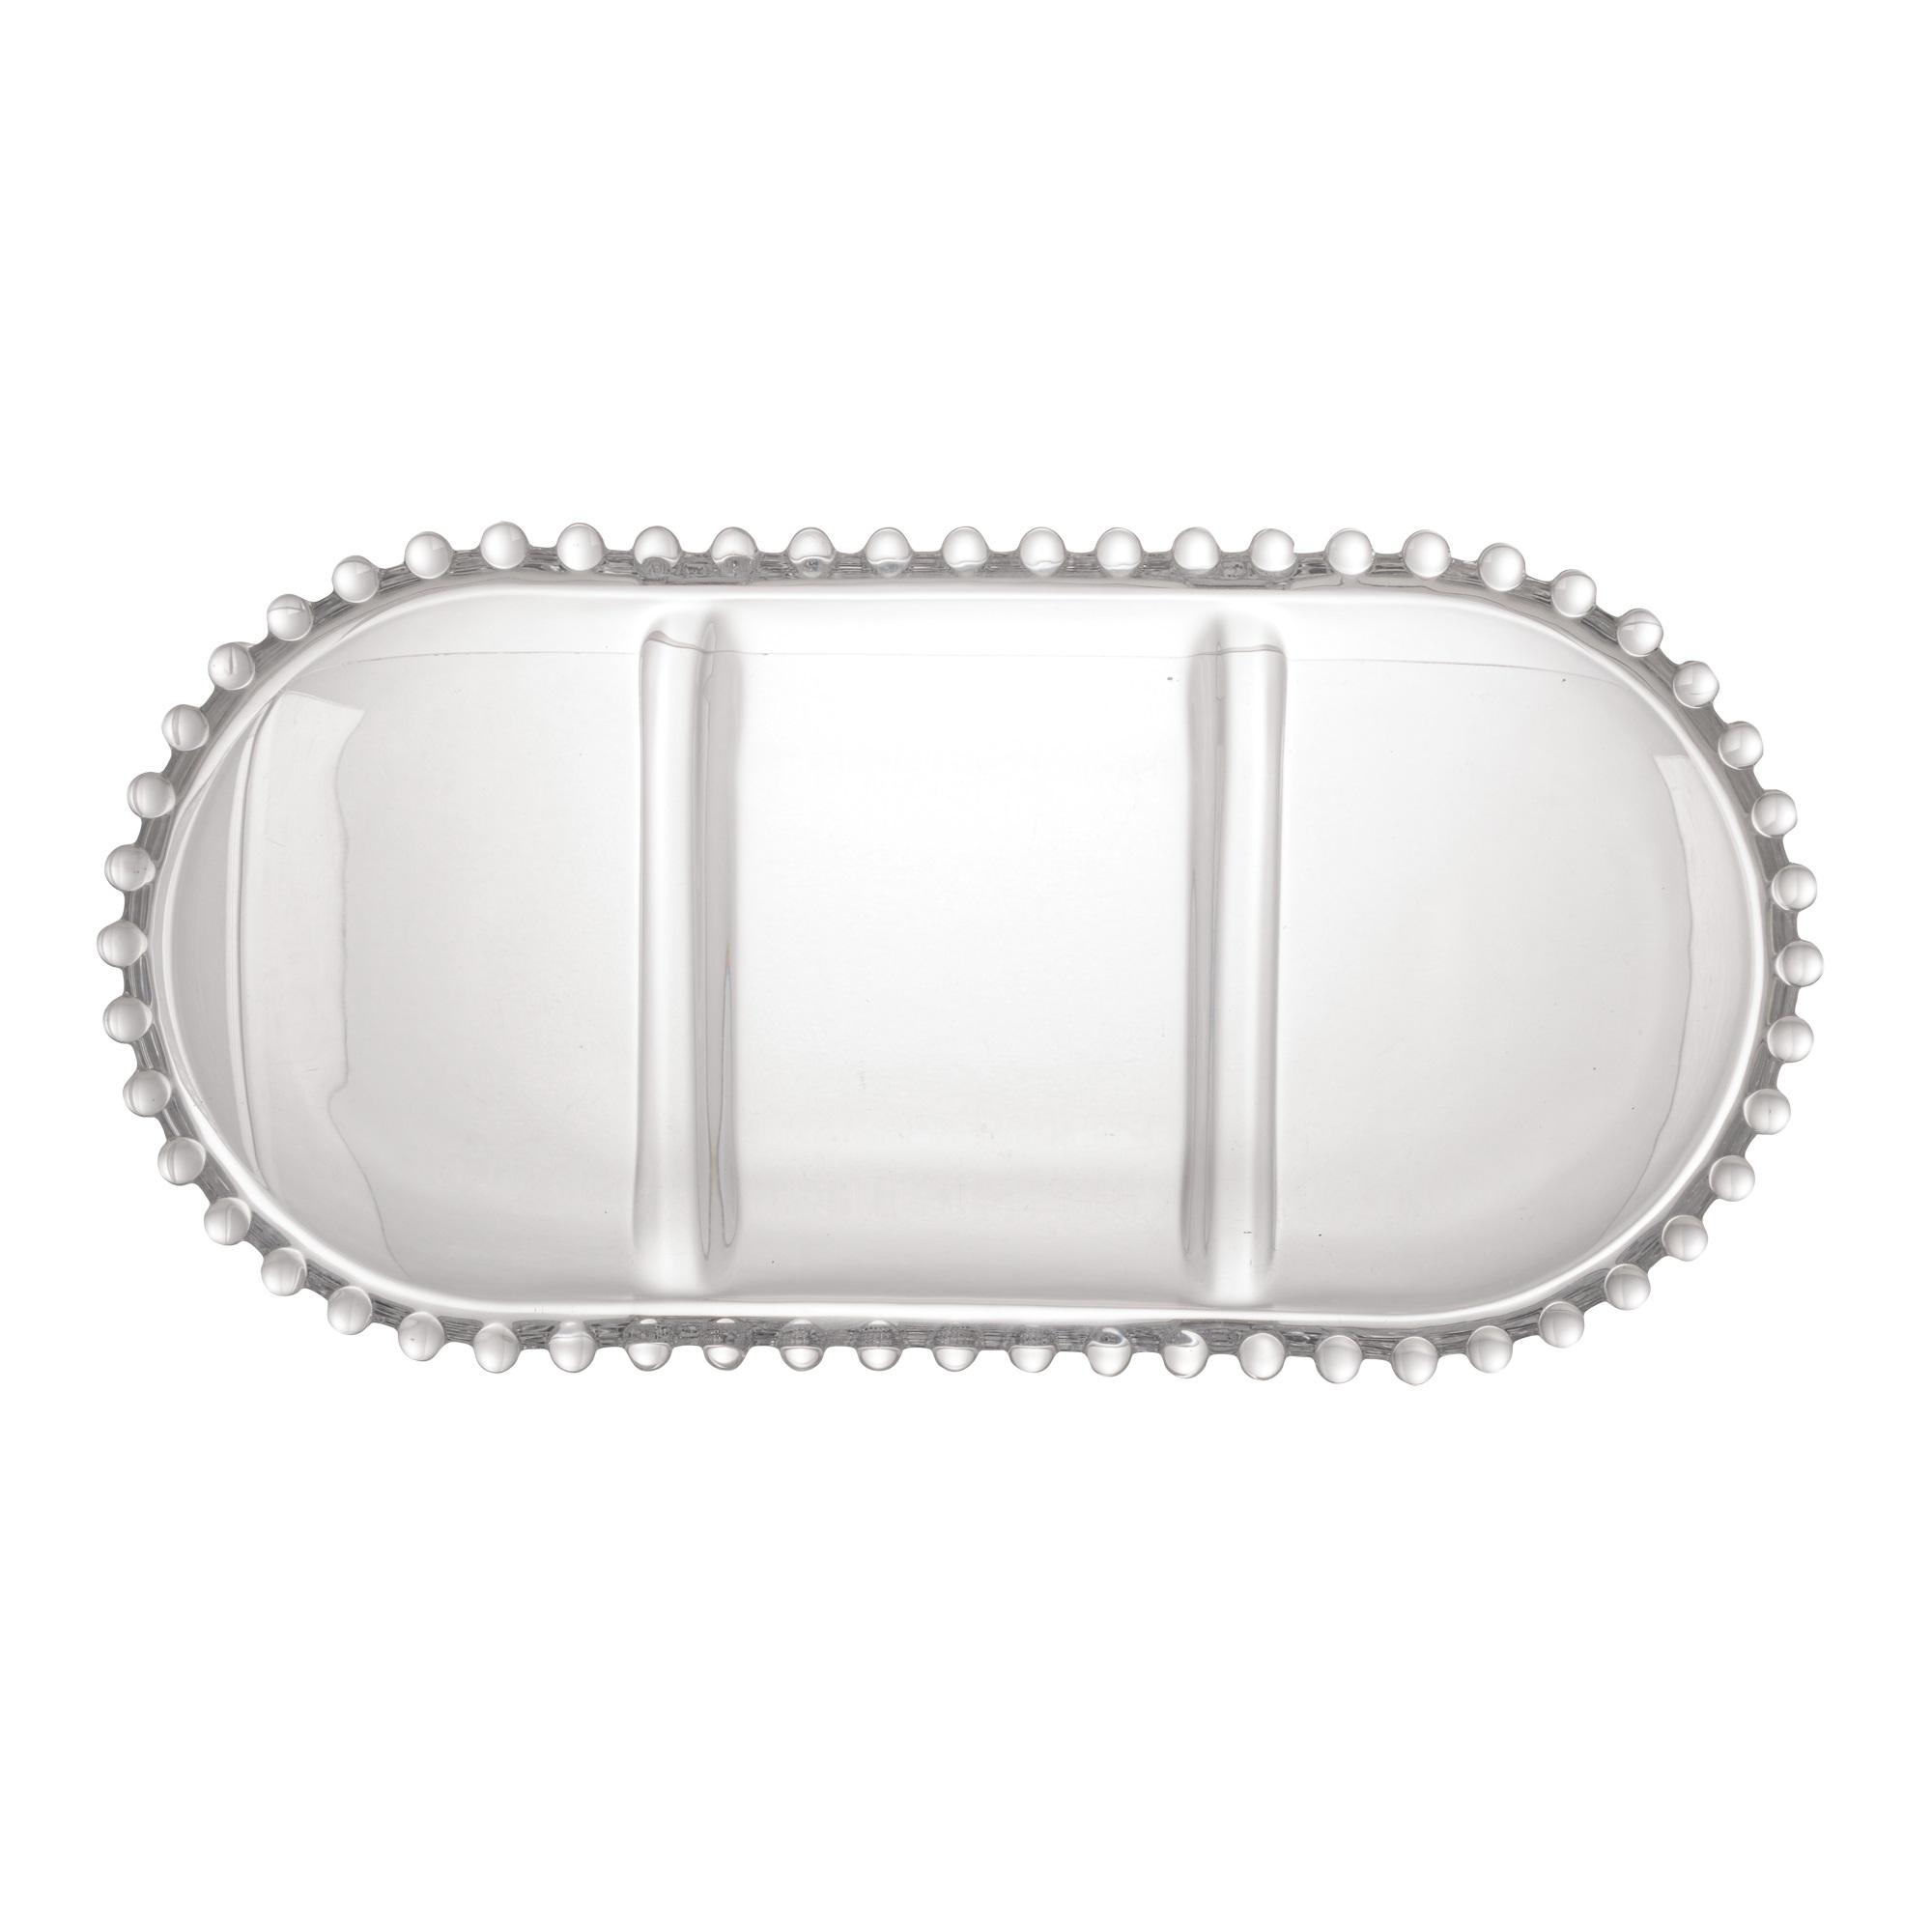 Petisqueira Oval 3 Divisões em Cristal com Borda de Bolinha 30x15x2cm